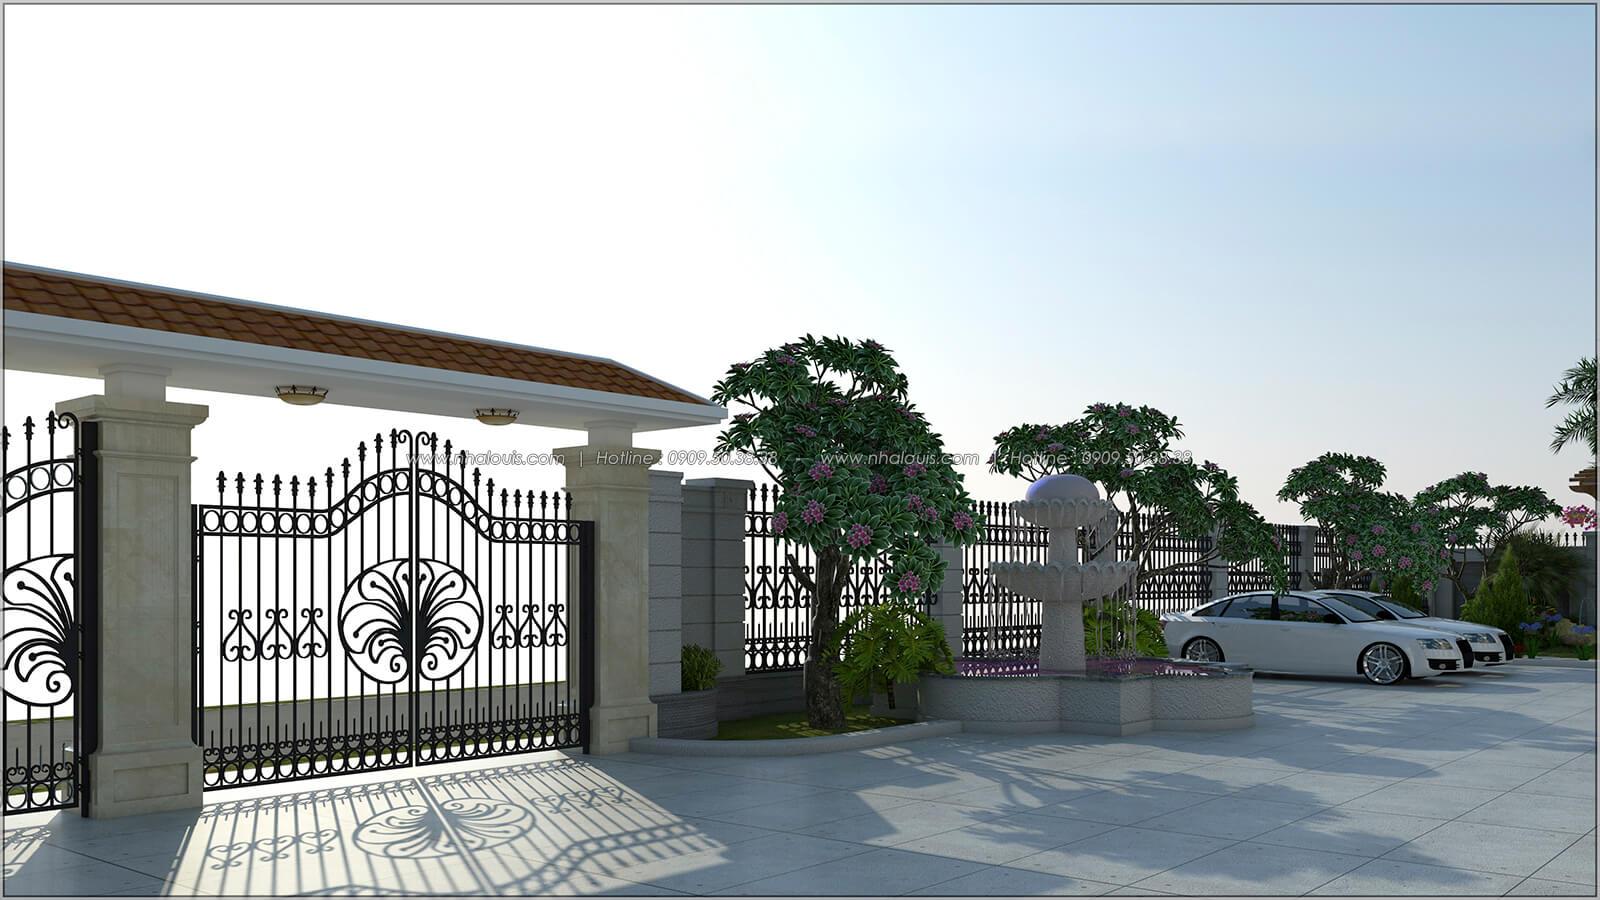 Sân trước Vẻ đẹp giản đơn của ngôi biệt thự 1 tầng 3 phòng ngủ tại xứ dừa Bến Tre - 3